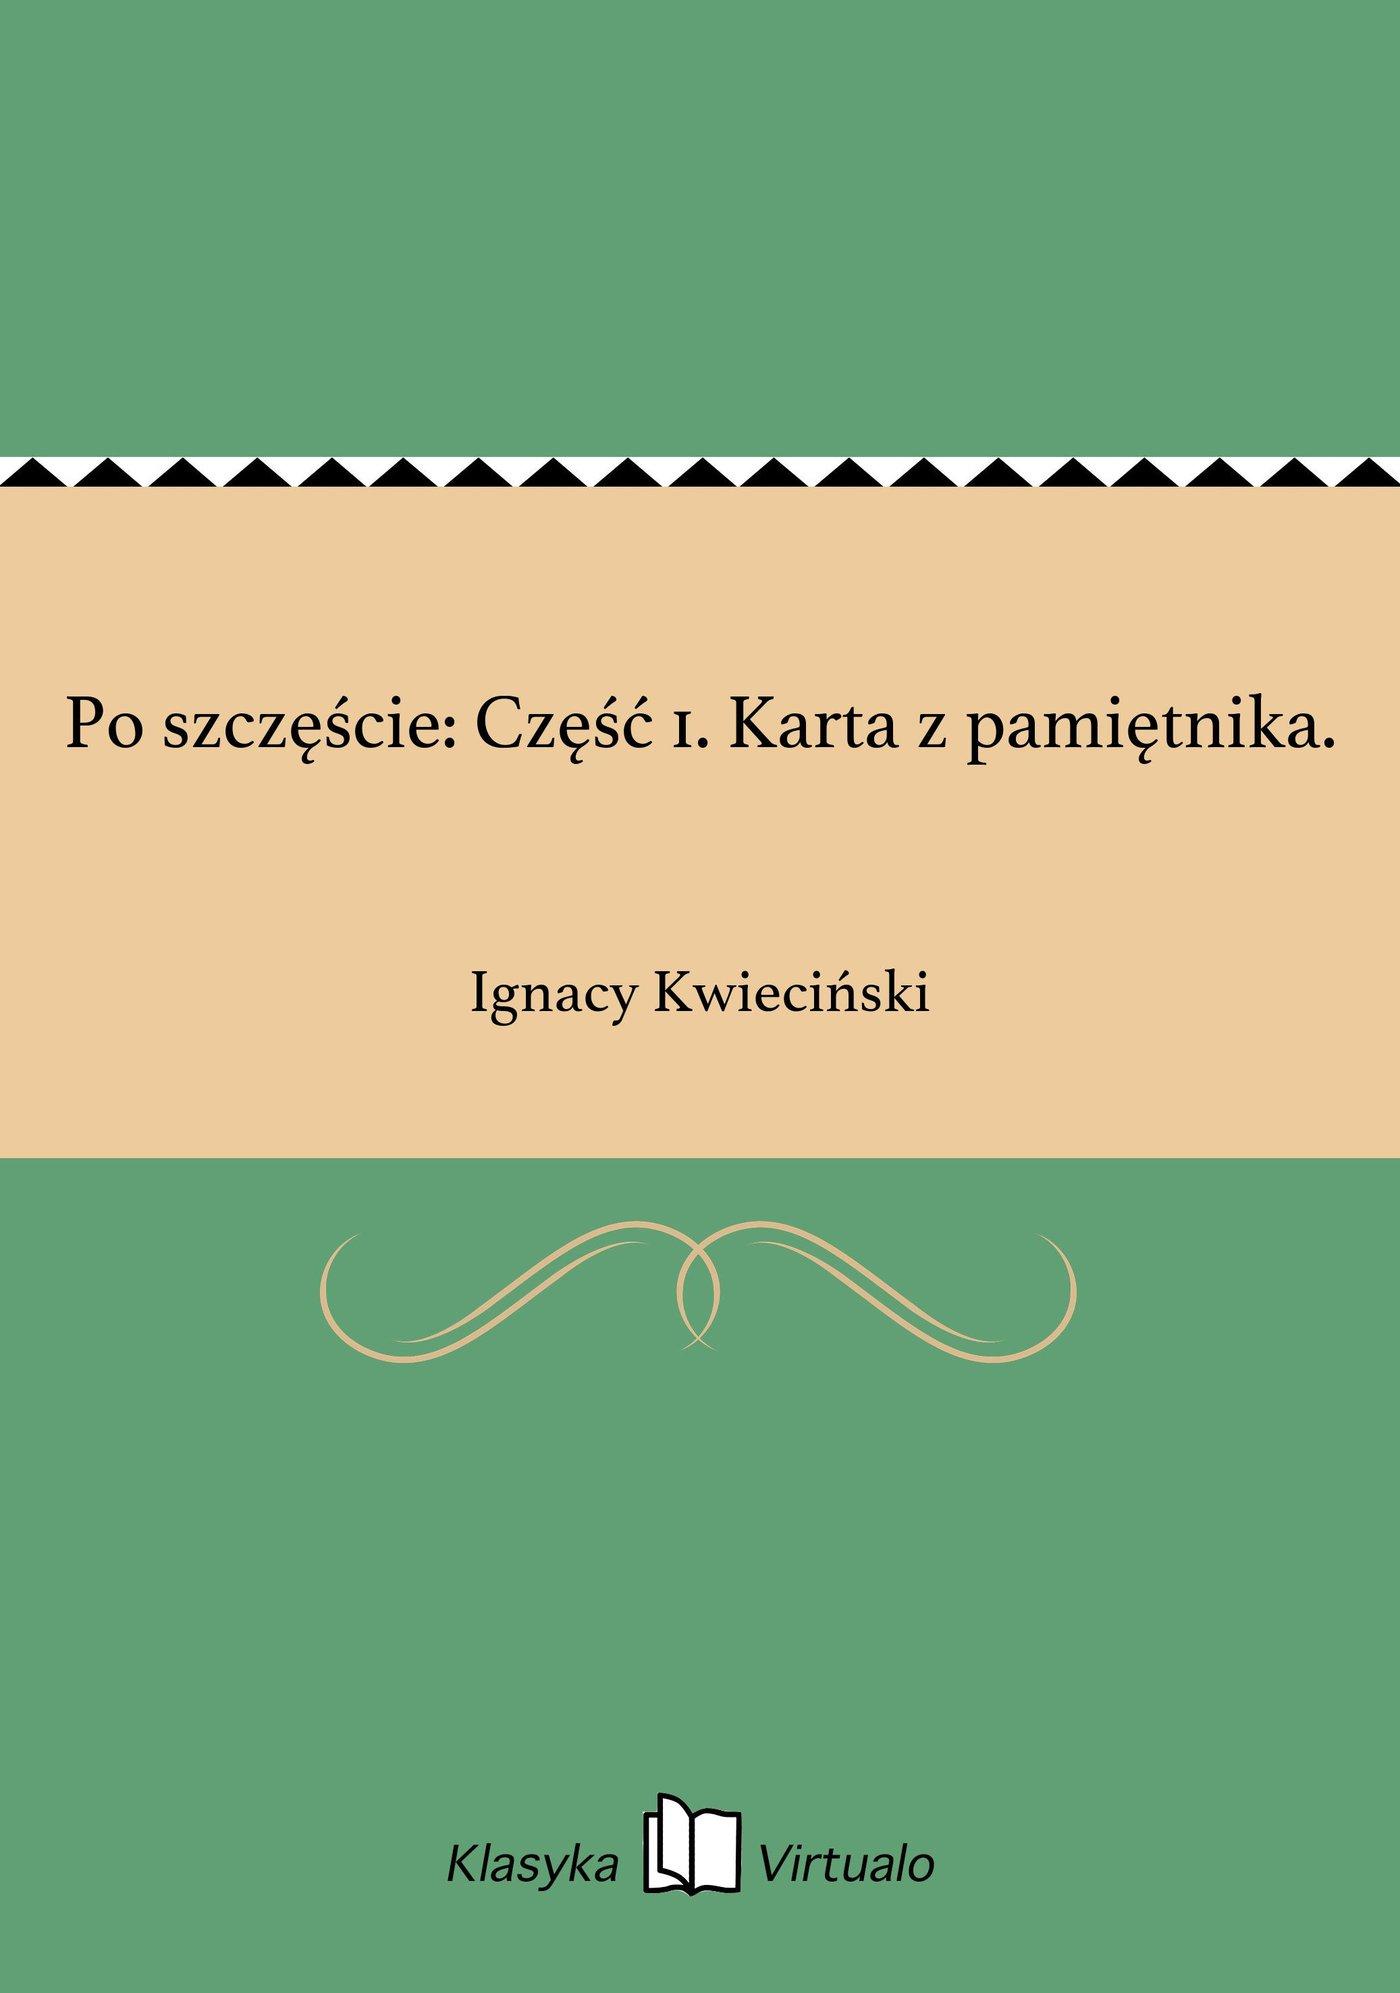 Po szczęście: Część 1. Karta z pamiętnika. - Ebook (Książka na Kindle) do pobrania w formacie MOBI